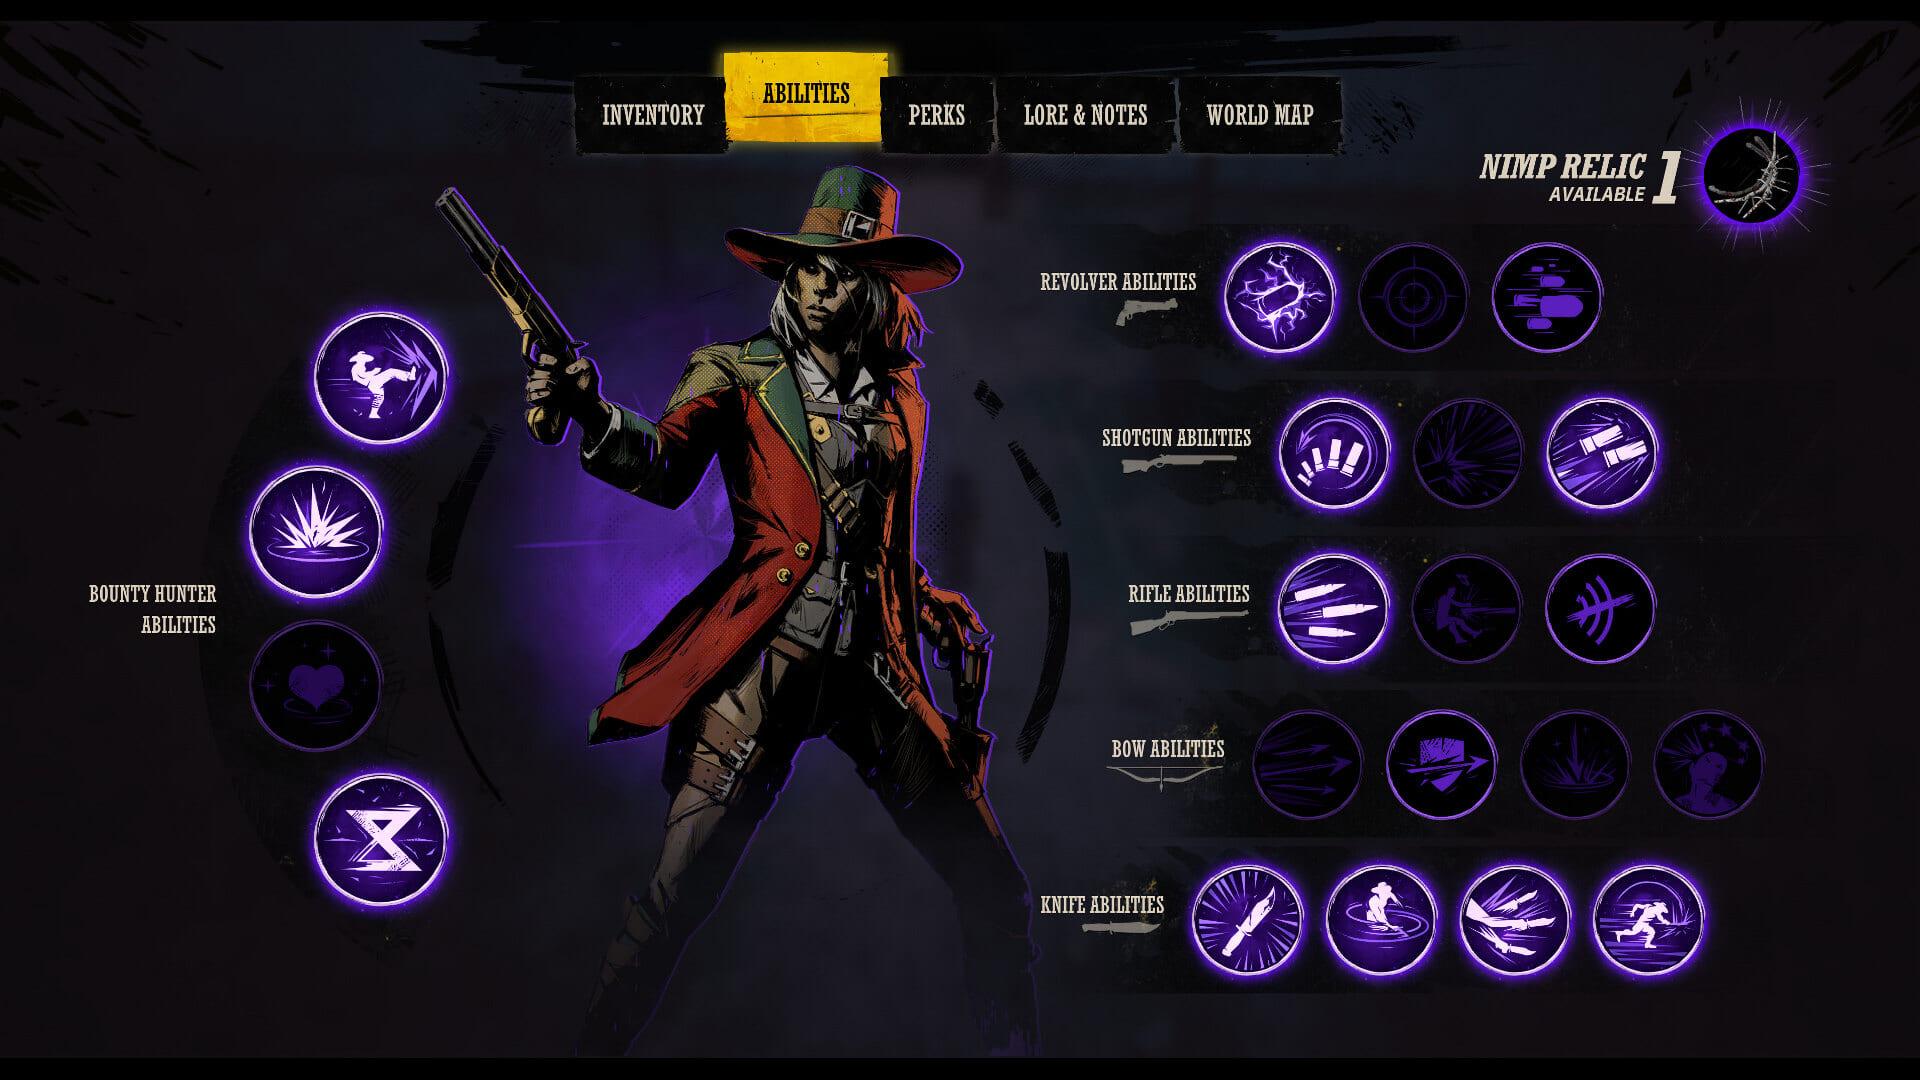 Weird West Bounty Hunter Abilities